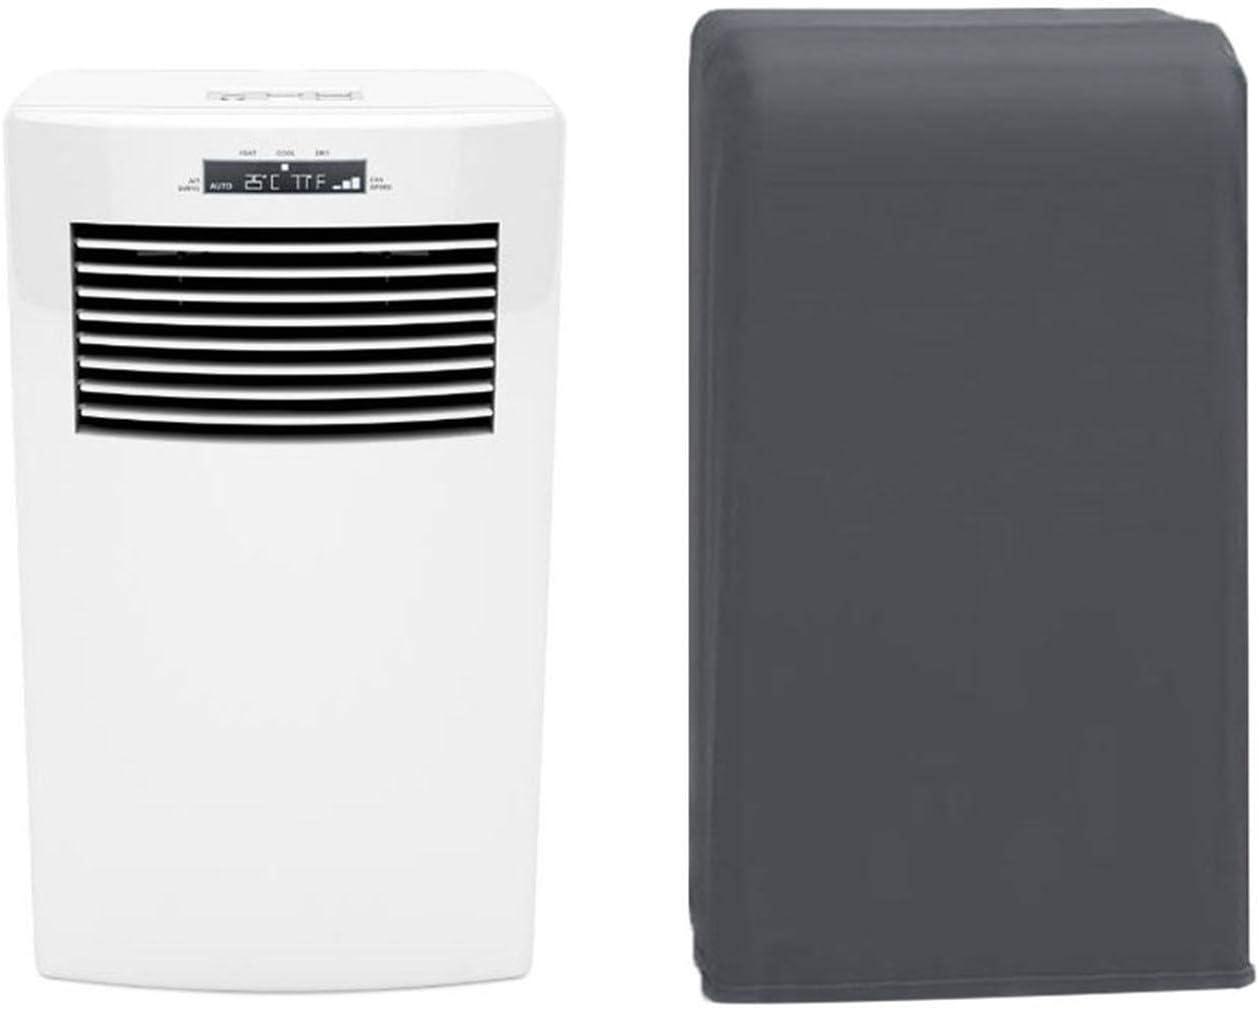 Cubierta de aire acondicionado, cubiertas de aire acondicionado para unidades interiores, 9.84 13.78 0.39in Cubierta protectora flexible para ventilador en sala de estar y dormitorio